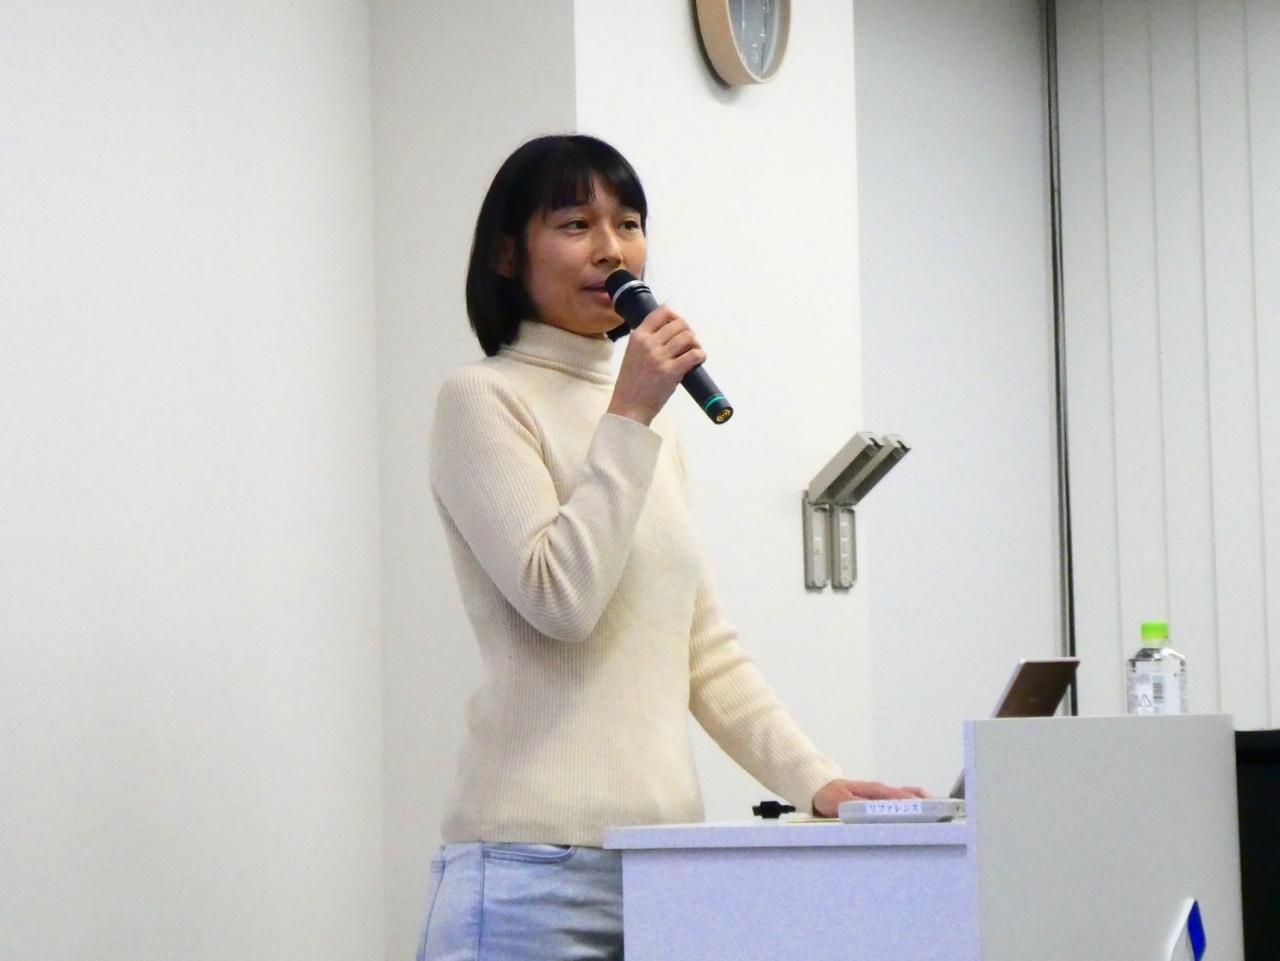 陳 愛 弁護士(大阪弁護士会・SBS検証プロジェクトメンバー)